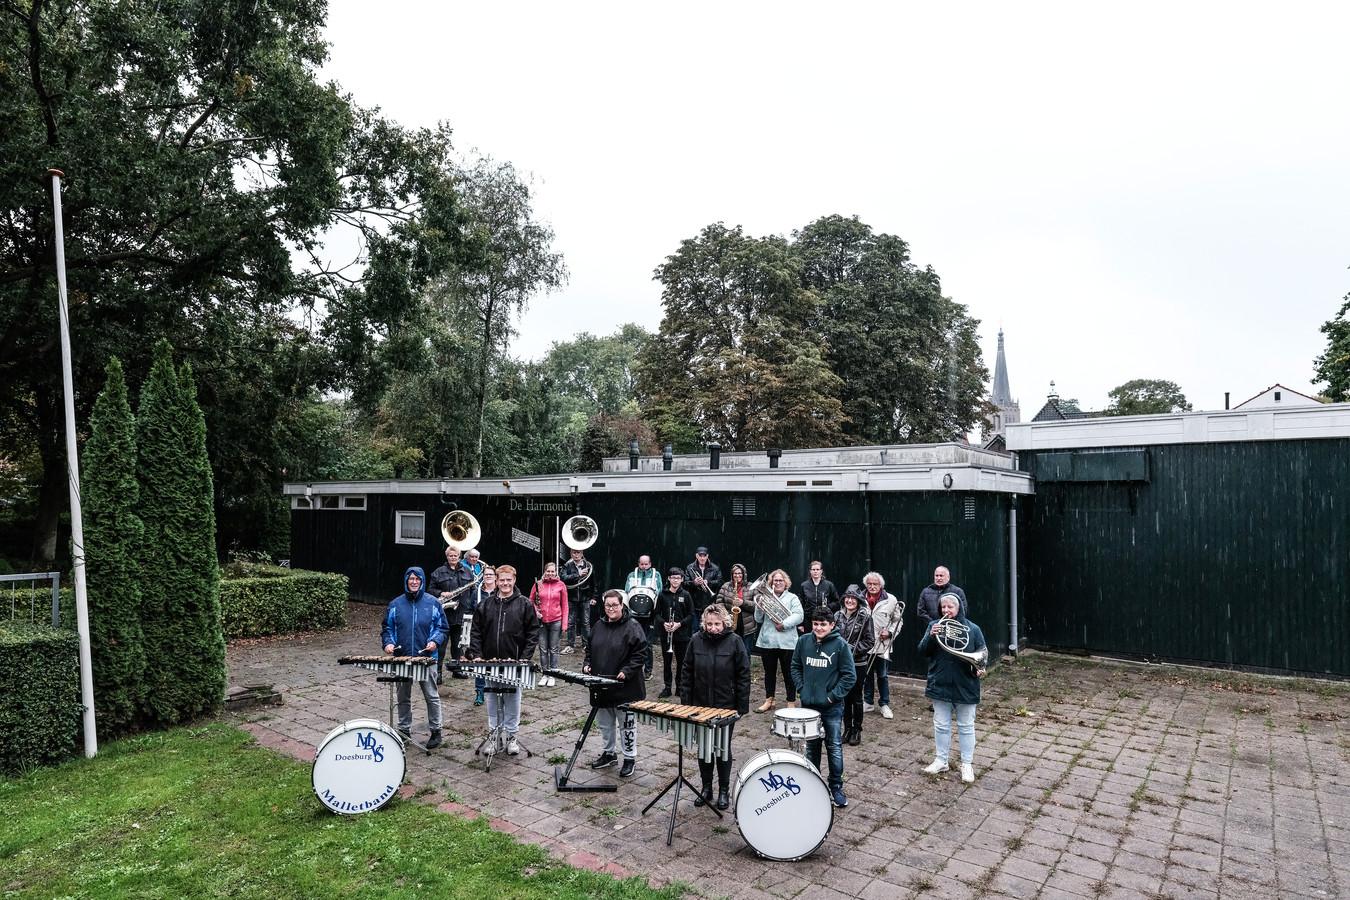 Enkele leden van het Doesburgse muziekcorps poseren voor hun clubhuis De Harmonie.